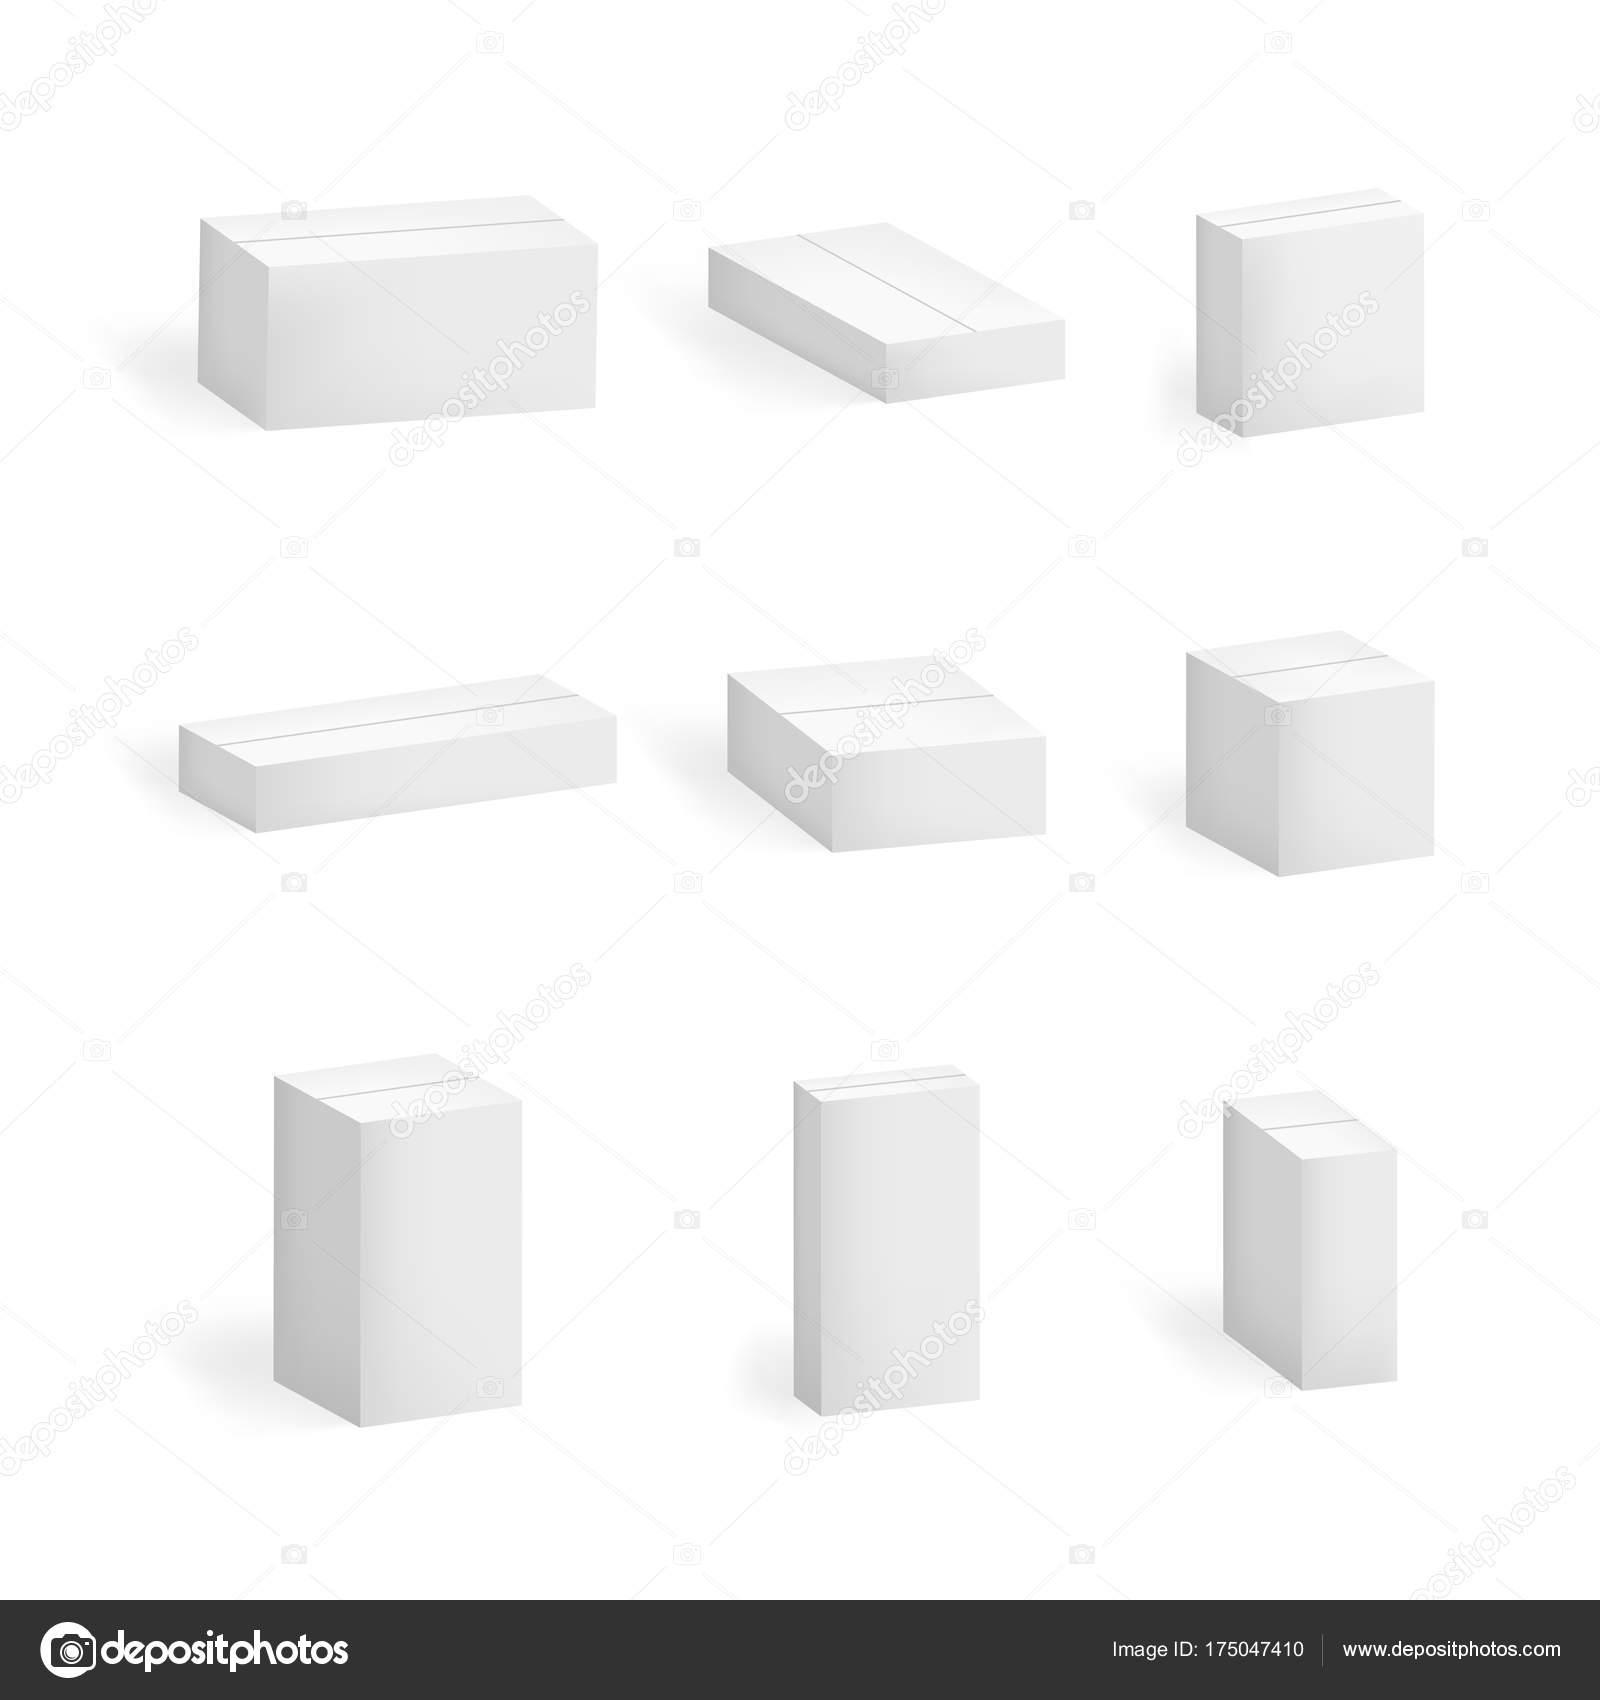 Realista 3d detallada Set de cajas de cartón blancas en blanco ...